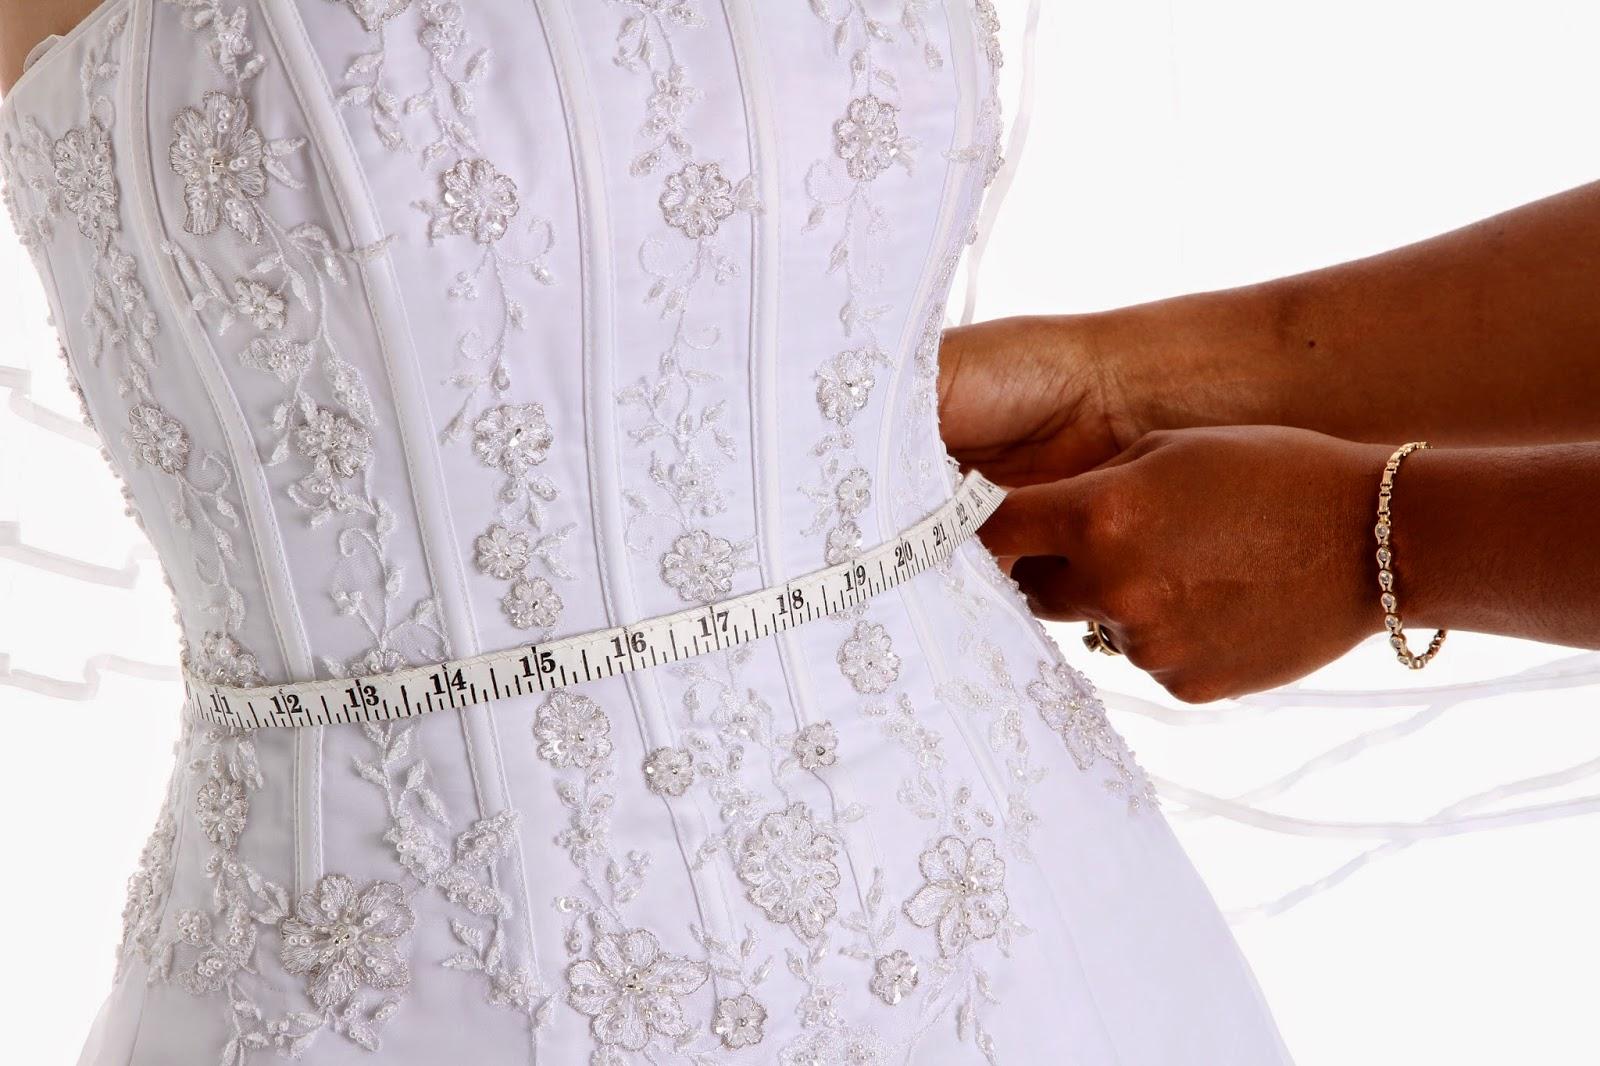 تقليل وزن العروس